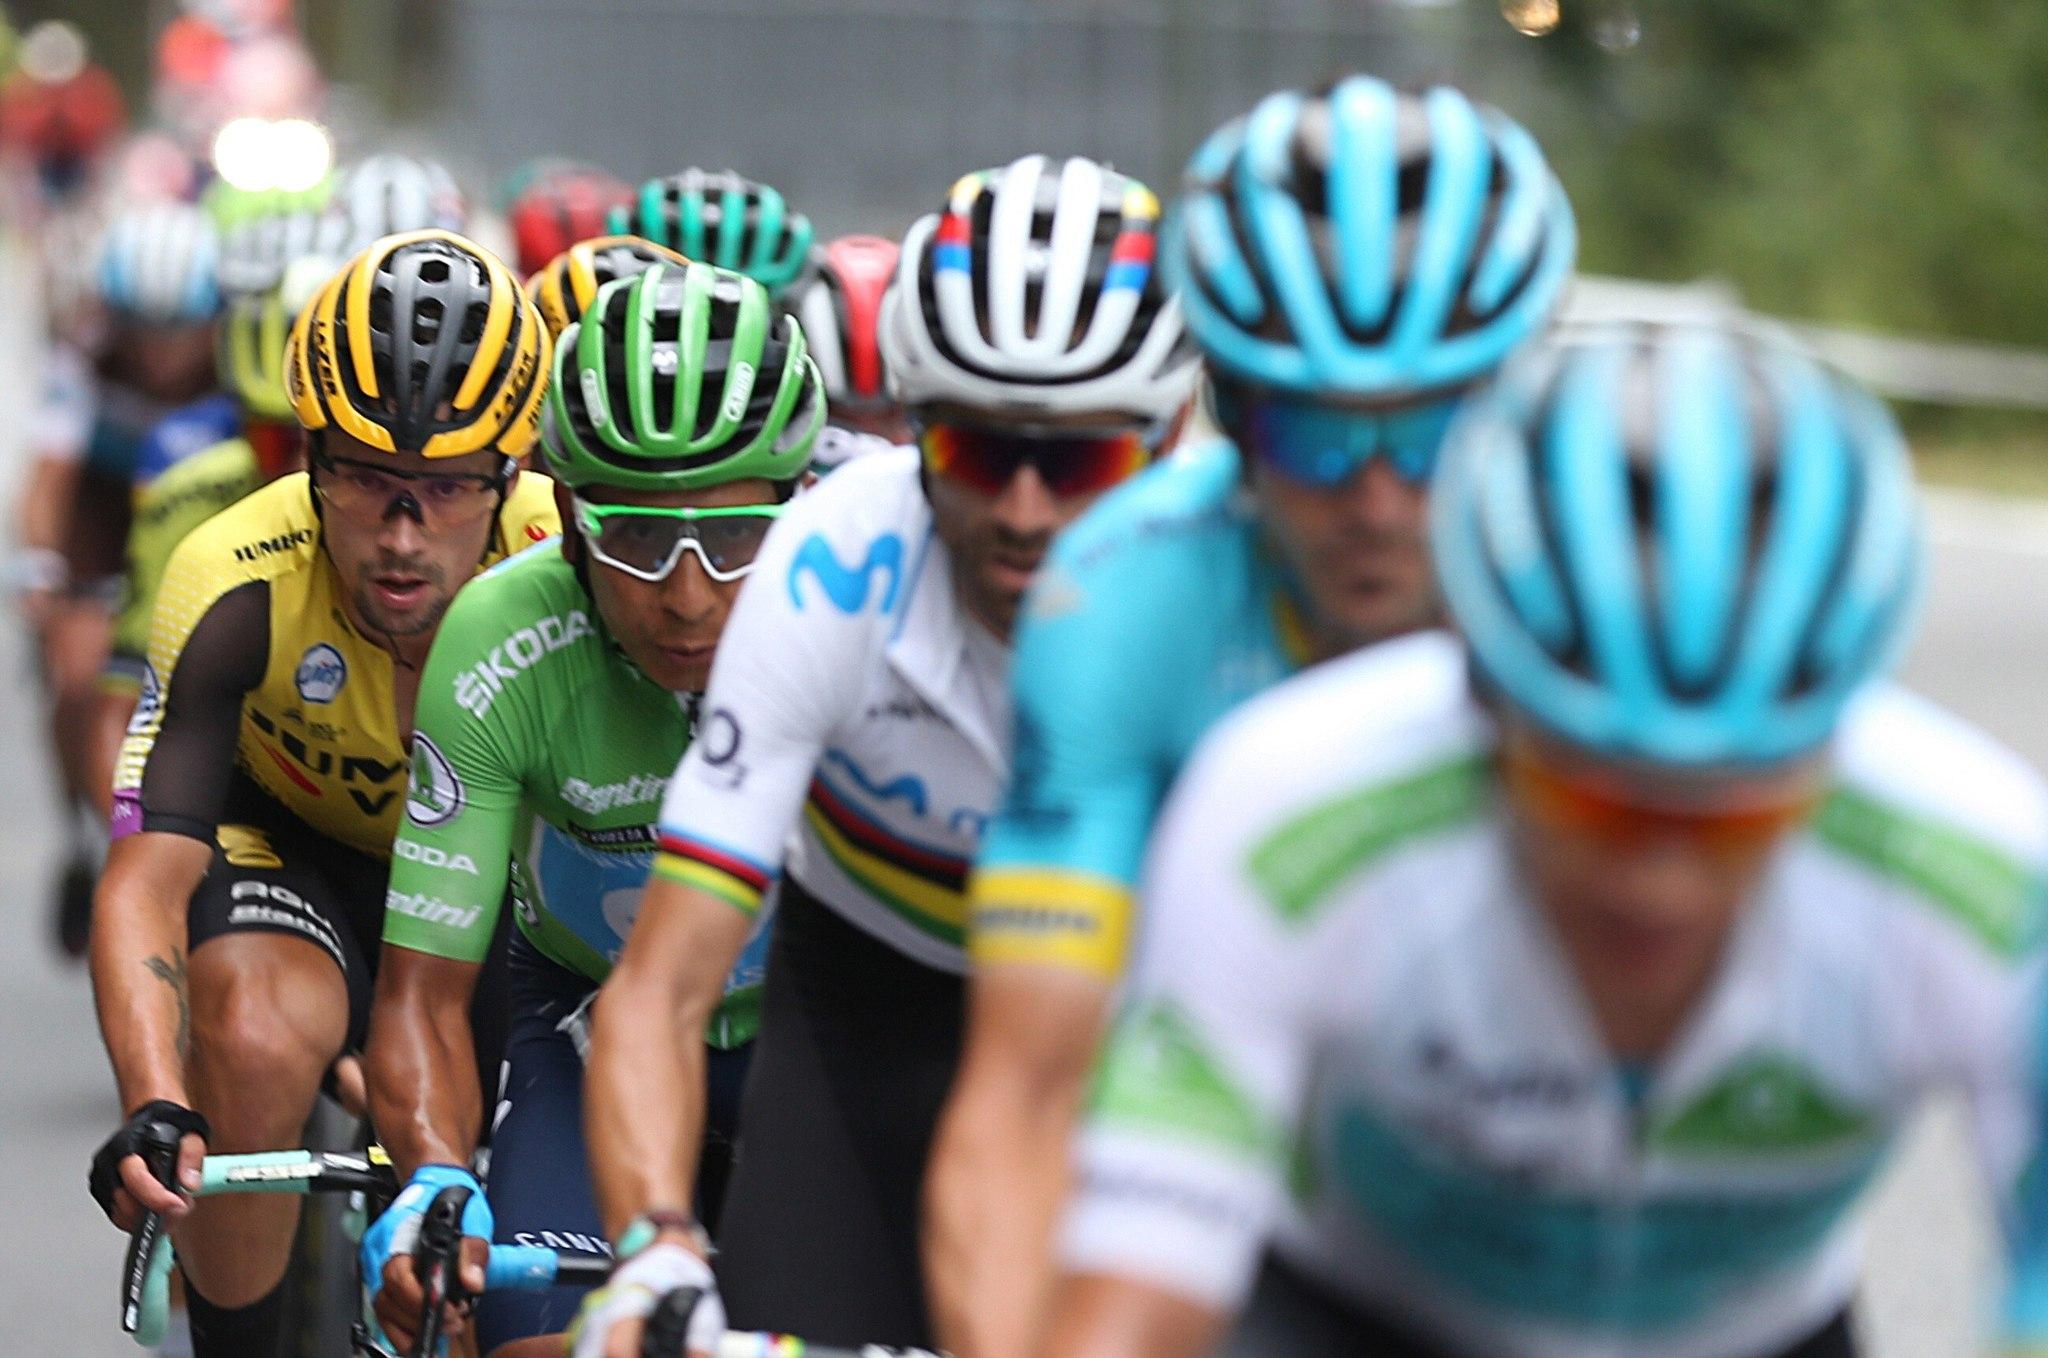 """GRAF4716. ANDORRA, 01/09/2019.- (De der a izq) El ciclista colombiano del equipo Astana, Miguel Ángel """"Superman López""""; su compatriota del equipo Movistar, Nairo Quintana; el eslovaco Primoz Roglic y el español <HIT>Alejandro</HIT><HIT>Valverde</HIT>, durante la novena etapa de la 74 Vuelta a España 2019, con salida en la localidad de Andorra La Vella y meta en Cortals D Encamp, y un recorrido de 94,4 kilómetros. El esloveno Tadej Pogacar (UAE Emirates), de 20 años, fue el vencedor de la novena etapa de la Vuelta, en la que el colombiano Nairo Quintana se enfundó el maillot rojo de líder. EFE/ Javier Lizón"""